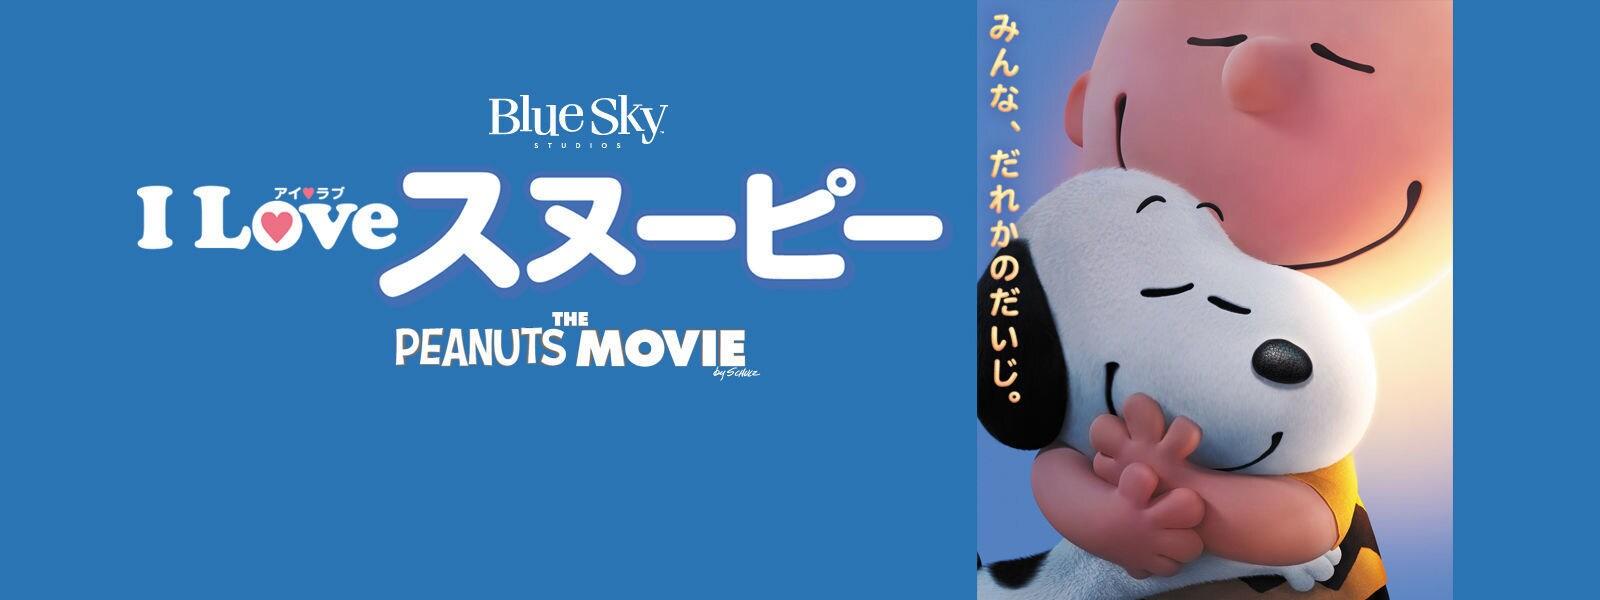 I LOVE スヌーピー THE PEANUTS MOVIE|the-peanuts-movie Hero Object